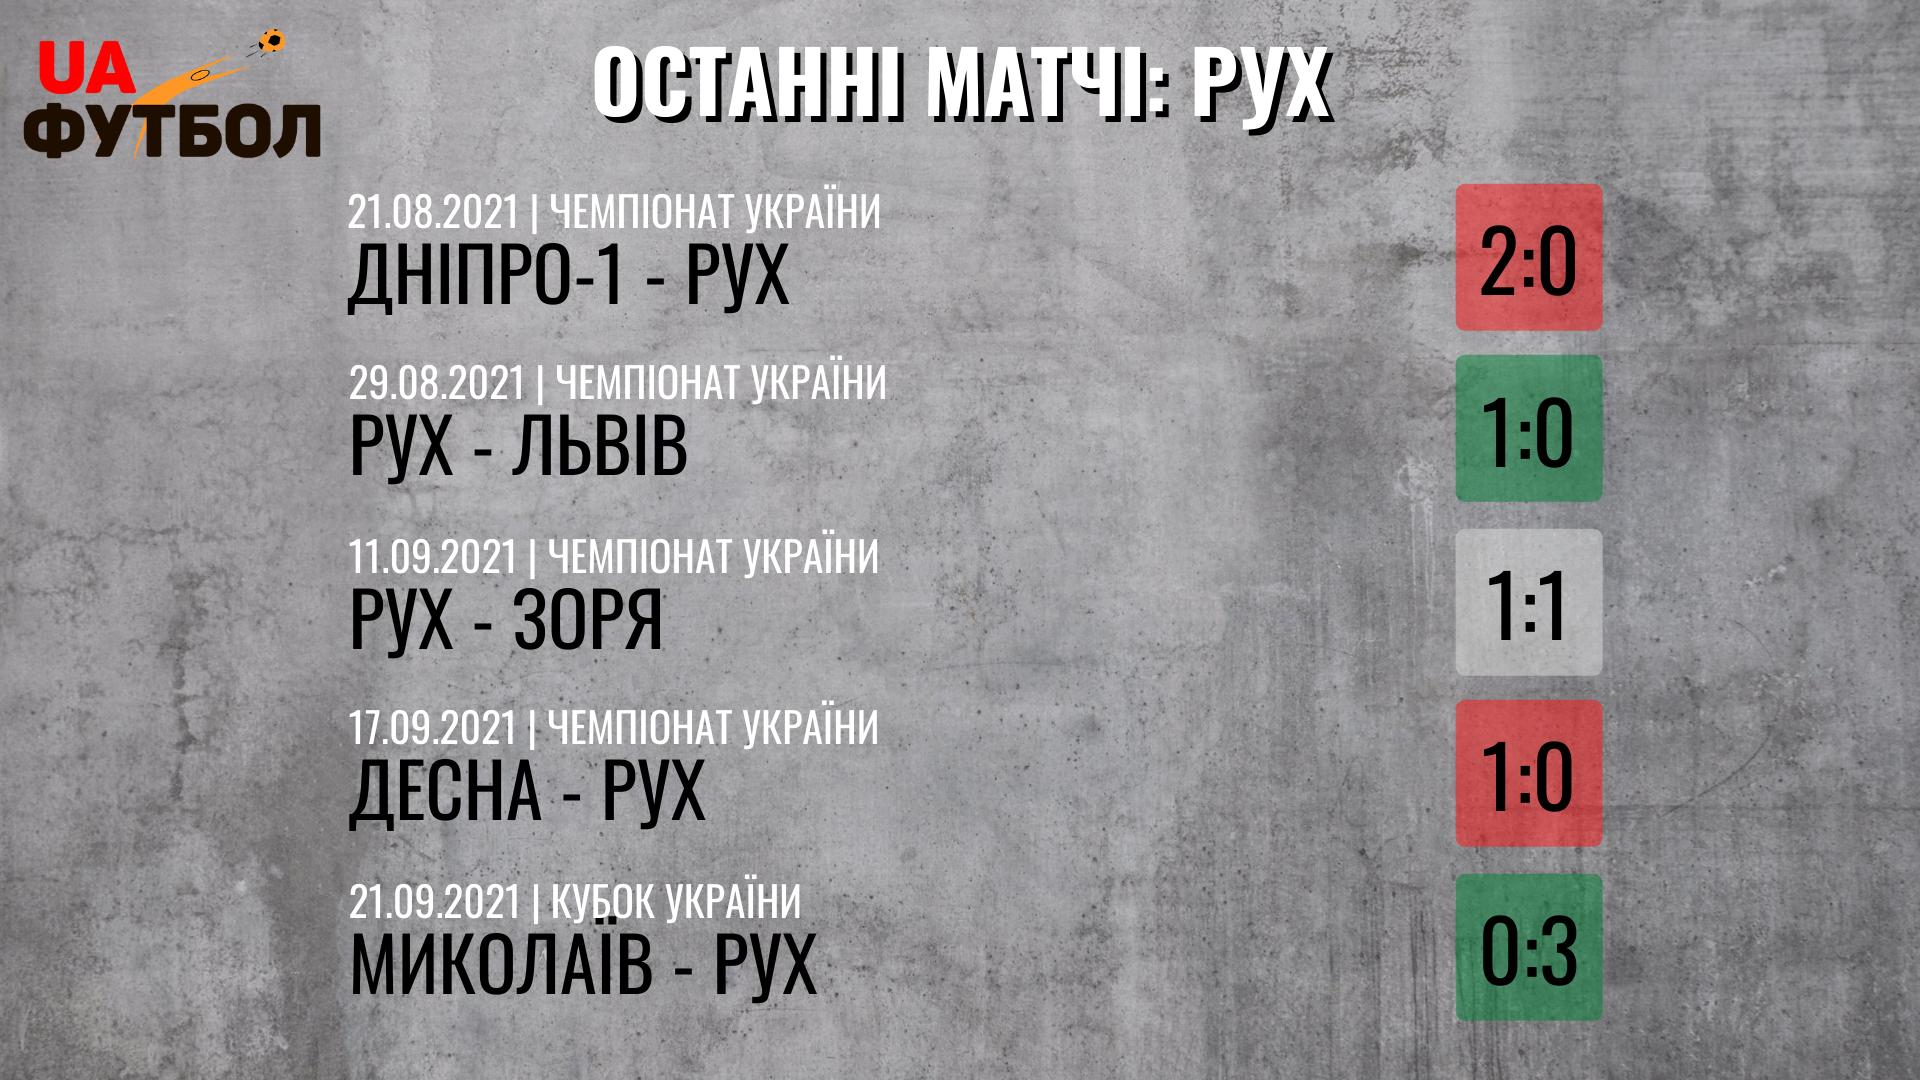 Рух - Динамо. Анонс и прогноз матча УПЛ на 25.09.2021 - изображение 2